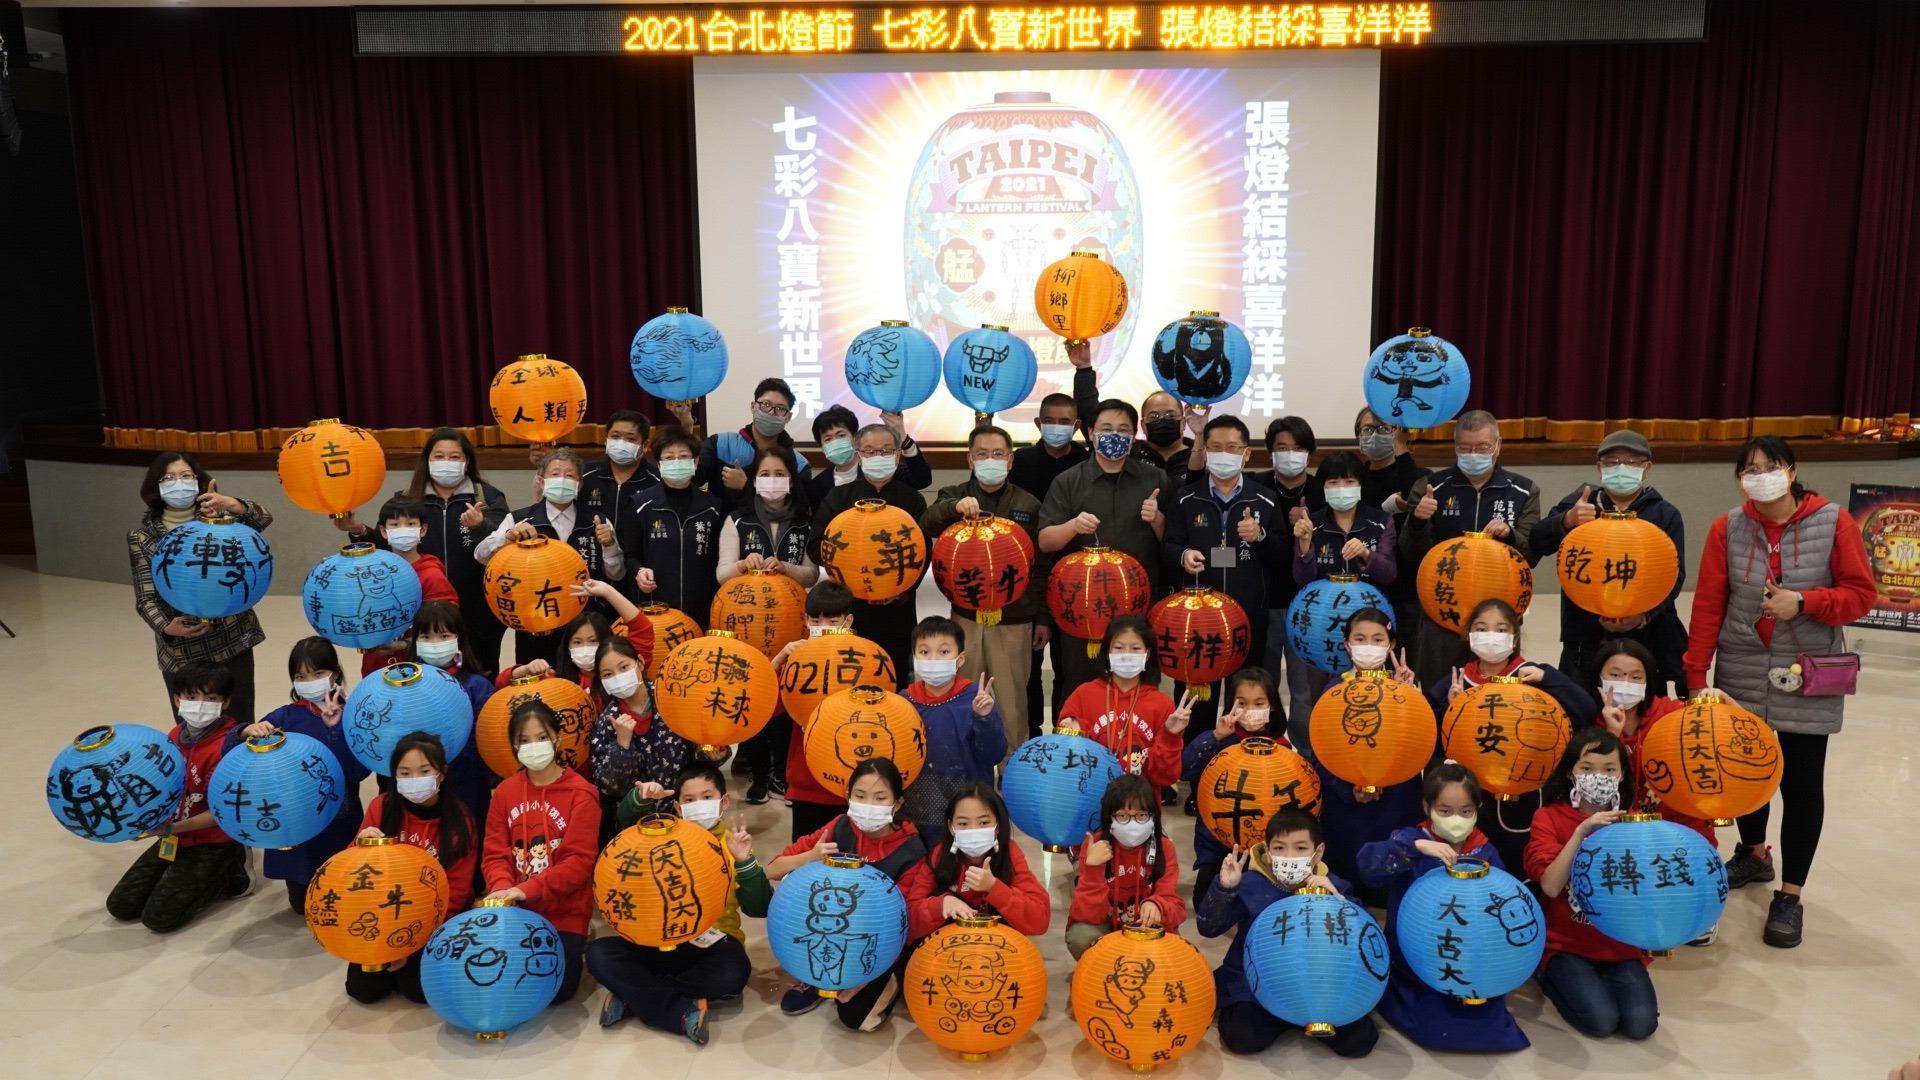 「2021台北燈節」首場行銷活動邀請在地里長里民、台北市漫畫從業人員職業工會、東園國小五年級美術班同學一起創作燈籠,喜迎牛年。